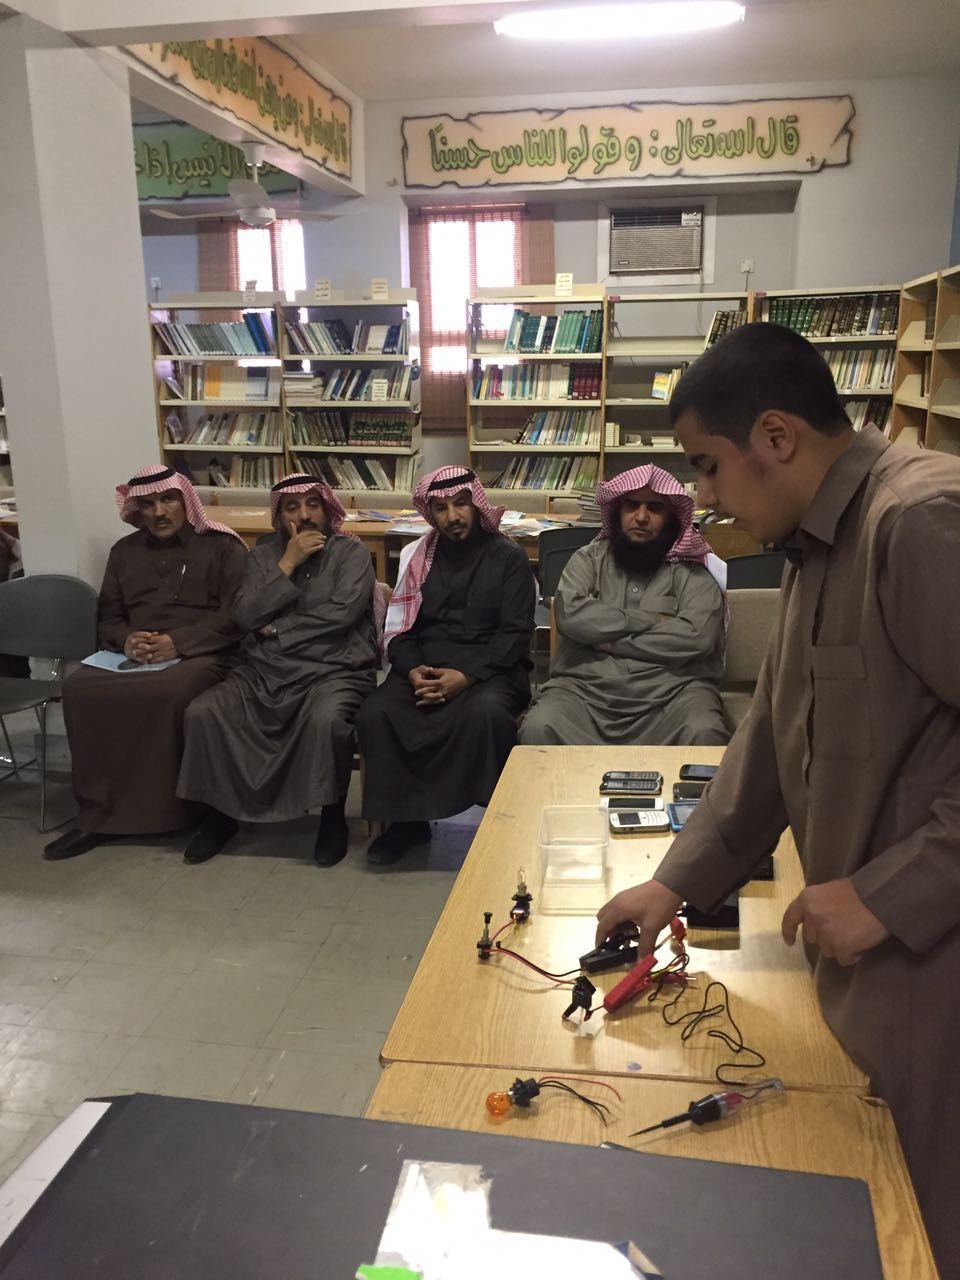 الطلاب يستعرضون مهاراتهم المهنية في ثانوية ابن باز بتعليم الزلفي شبكة سما الزلفي Monopoly